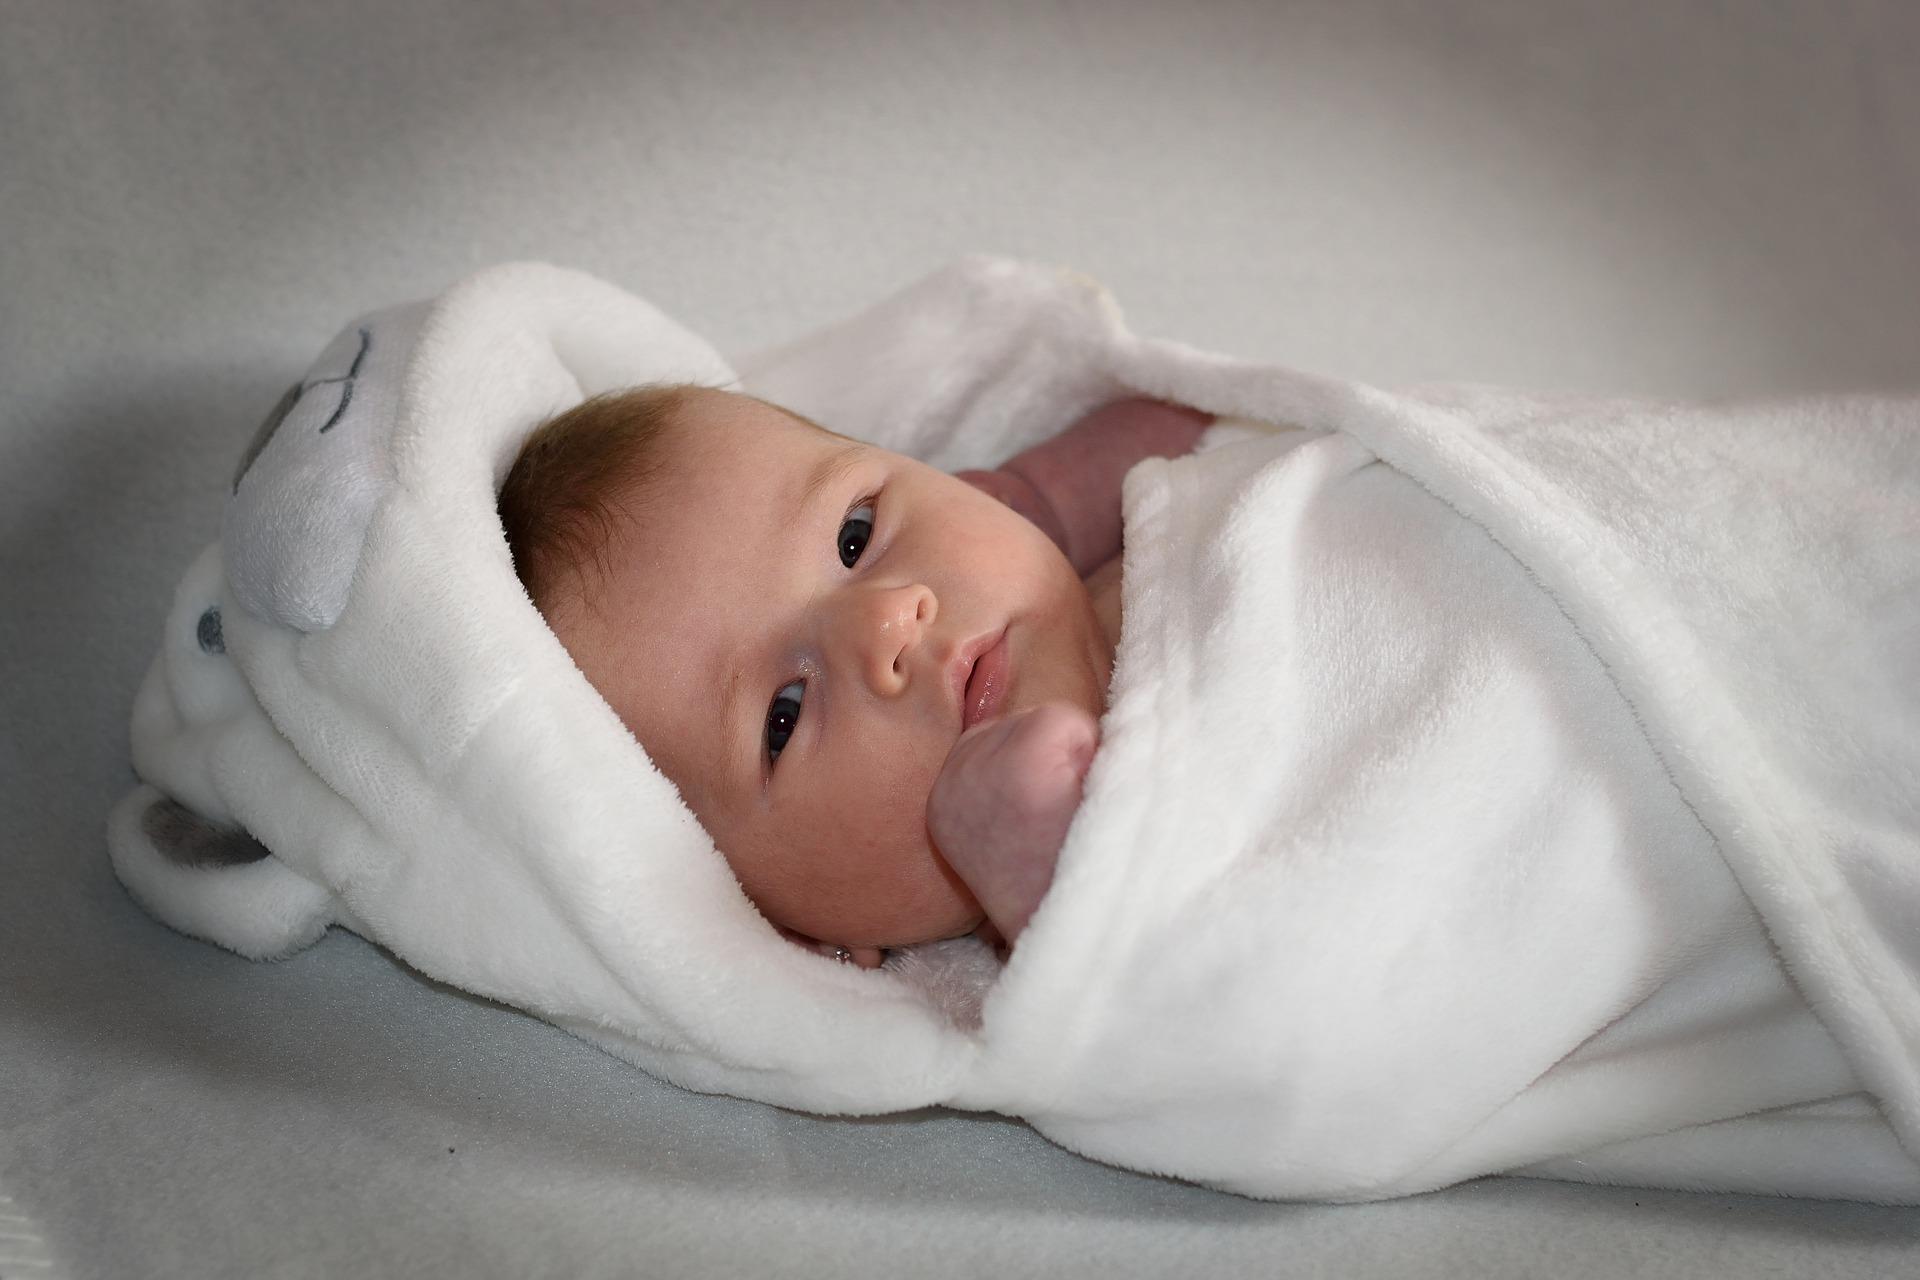 69f12de4d Bañar al bebé  las 9 dudas más frecuentes de las mamás - Cuidados y ...